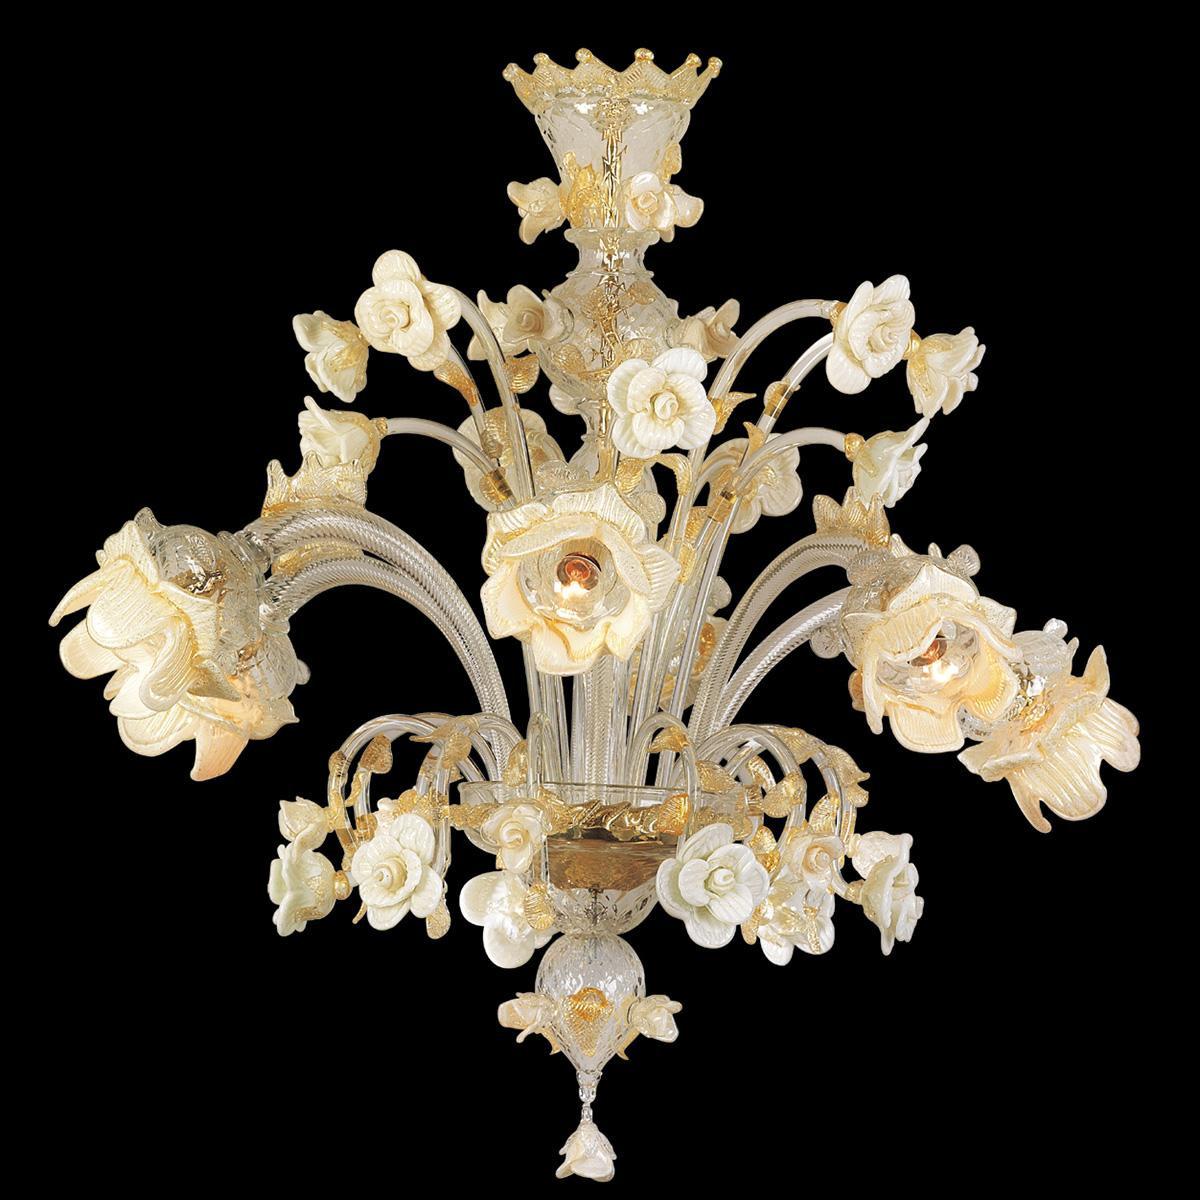 """""""Tallulah"""" Murano glas Kronleuchter - 6 flammig - transparent, weiß und gold"""